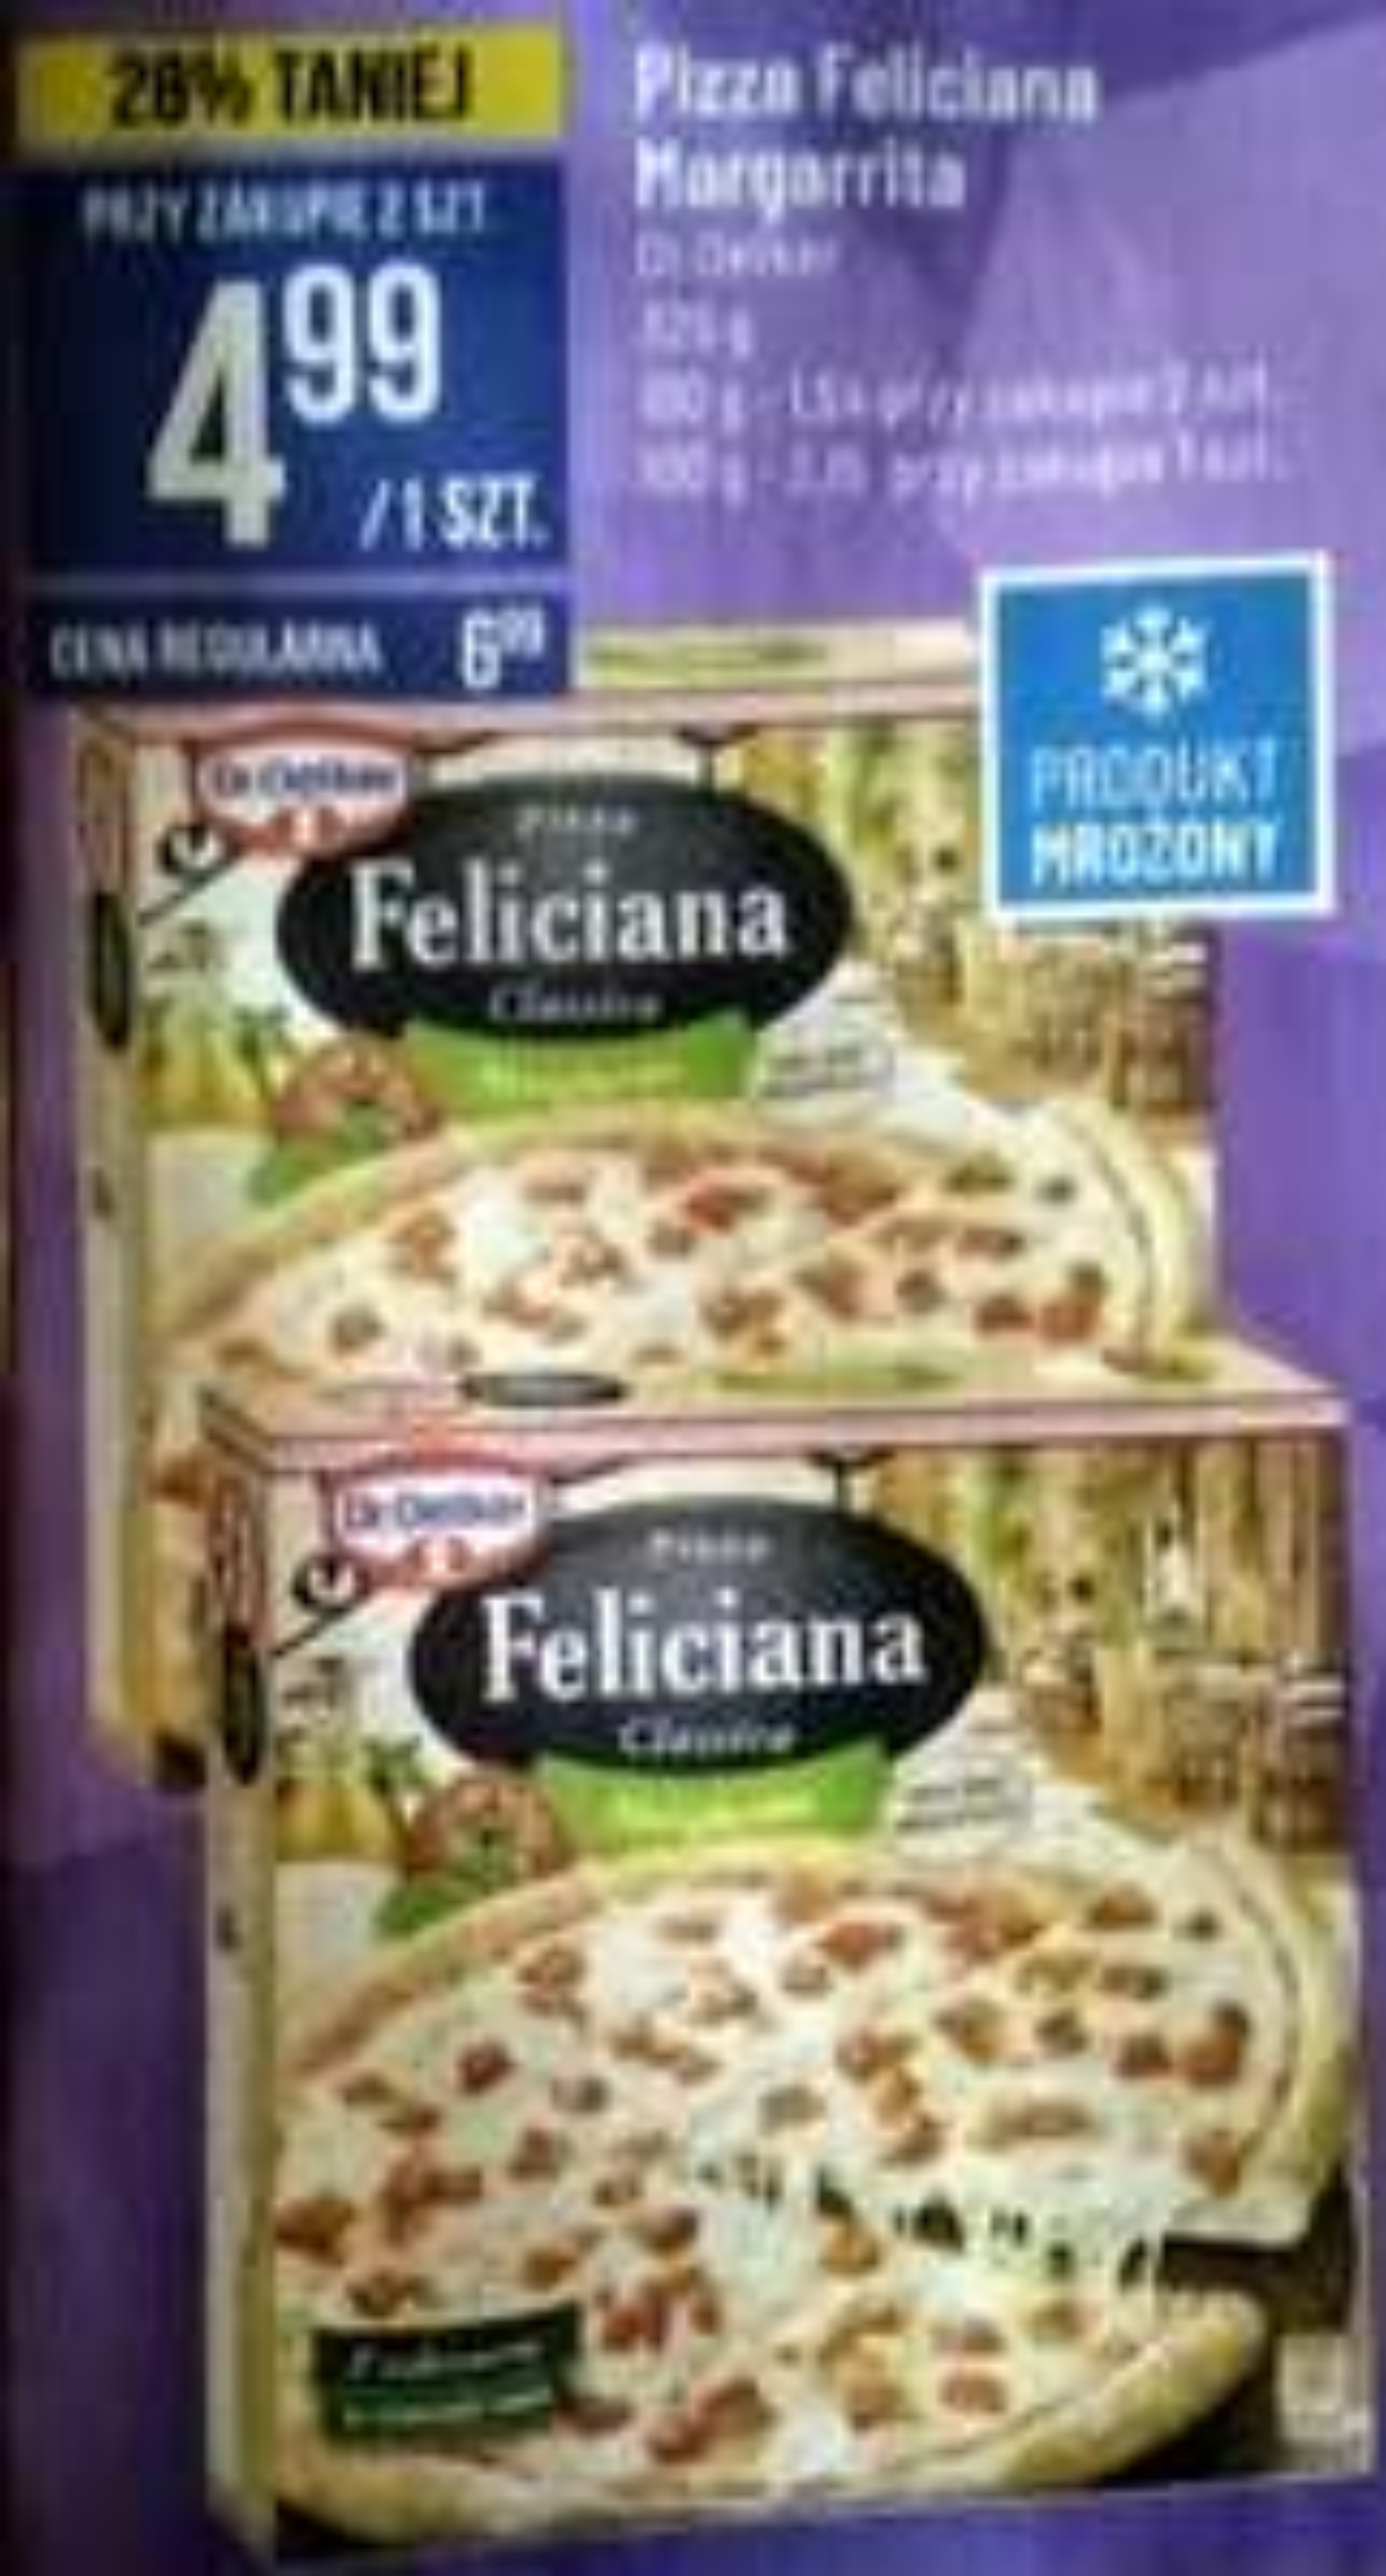 Pizza Feliciana Margarrita Dr. Oetker   325 g   taniej przy zakupie 2 szt.    Promocja tylko w dniu 17.04. 2021  Polomarket